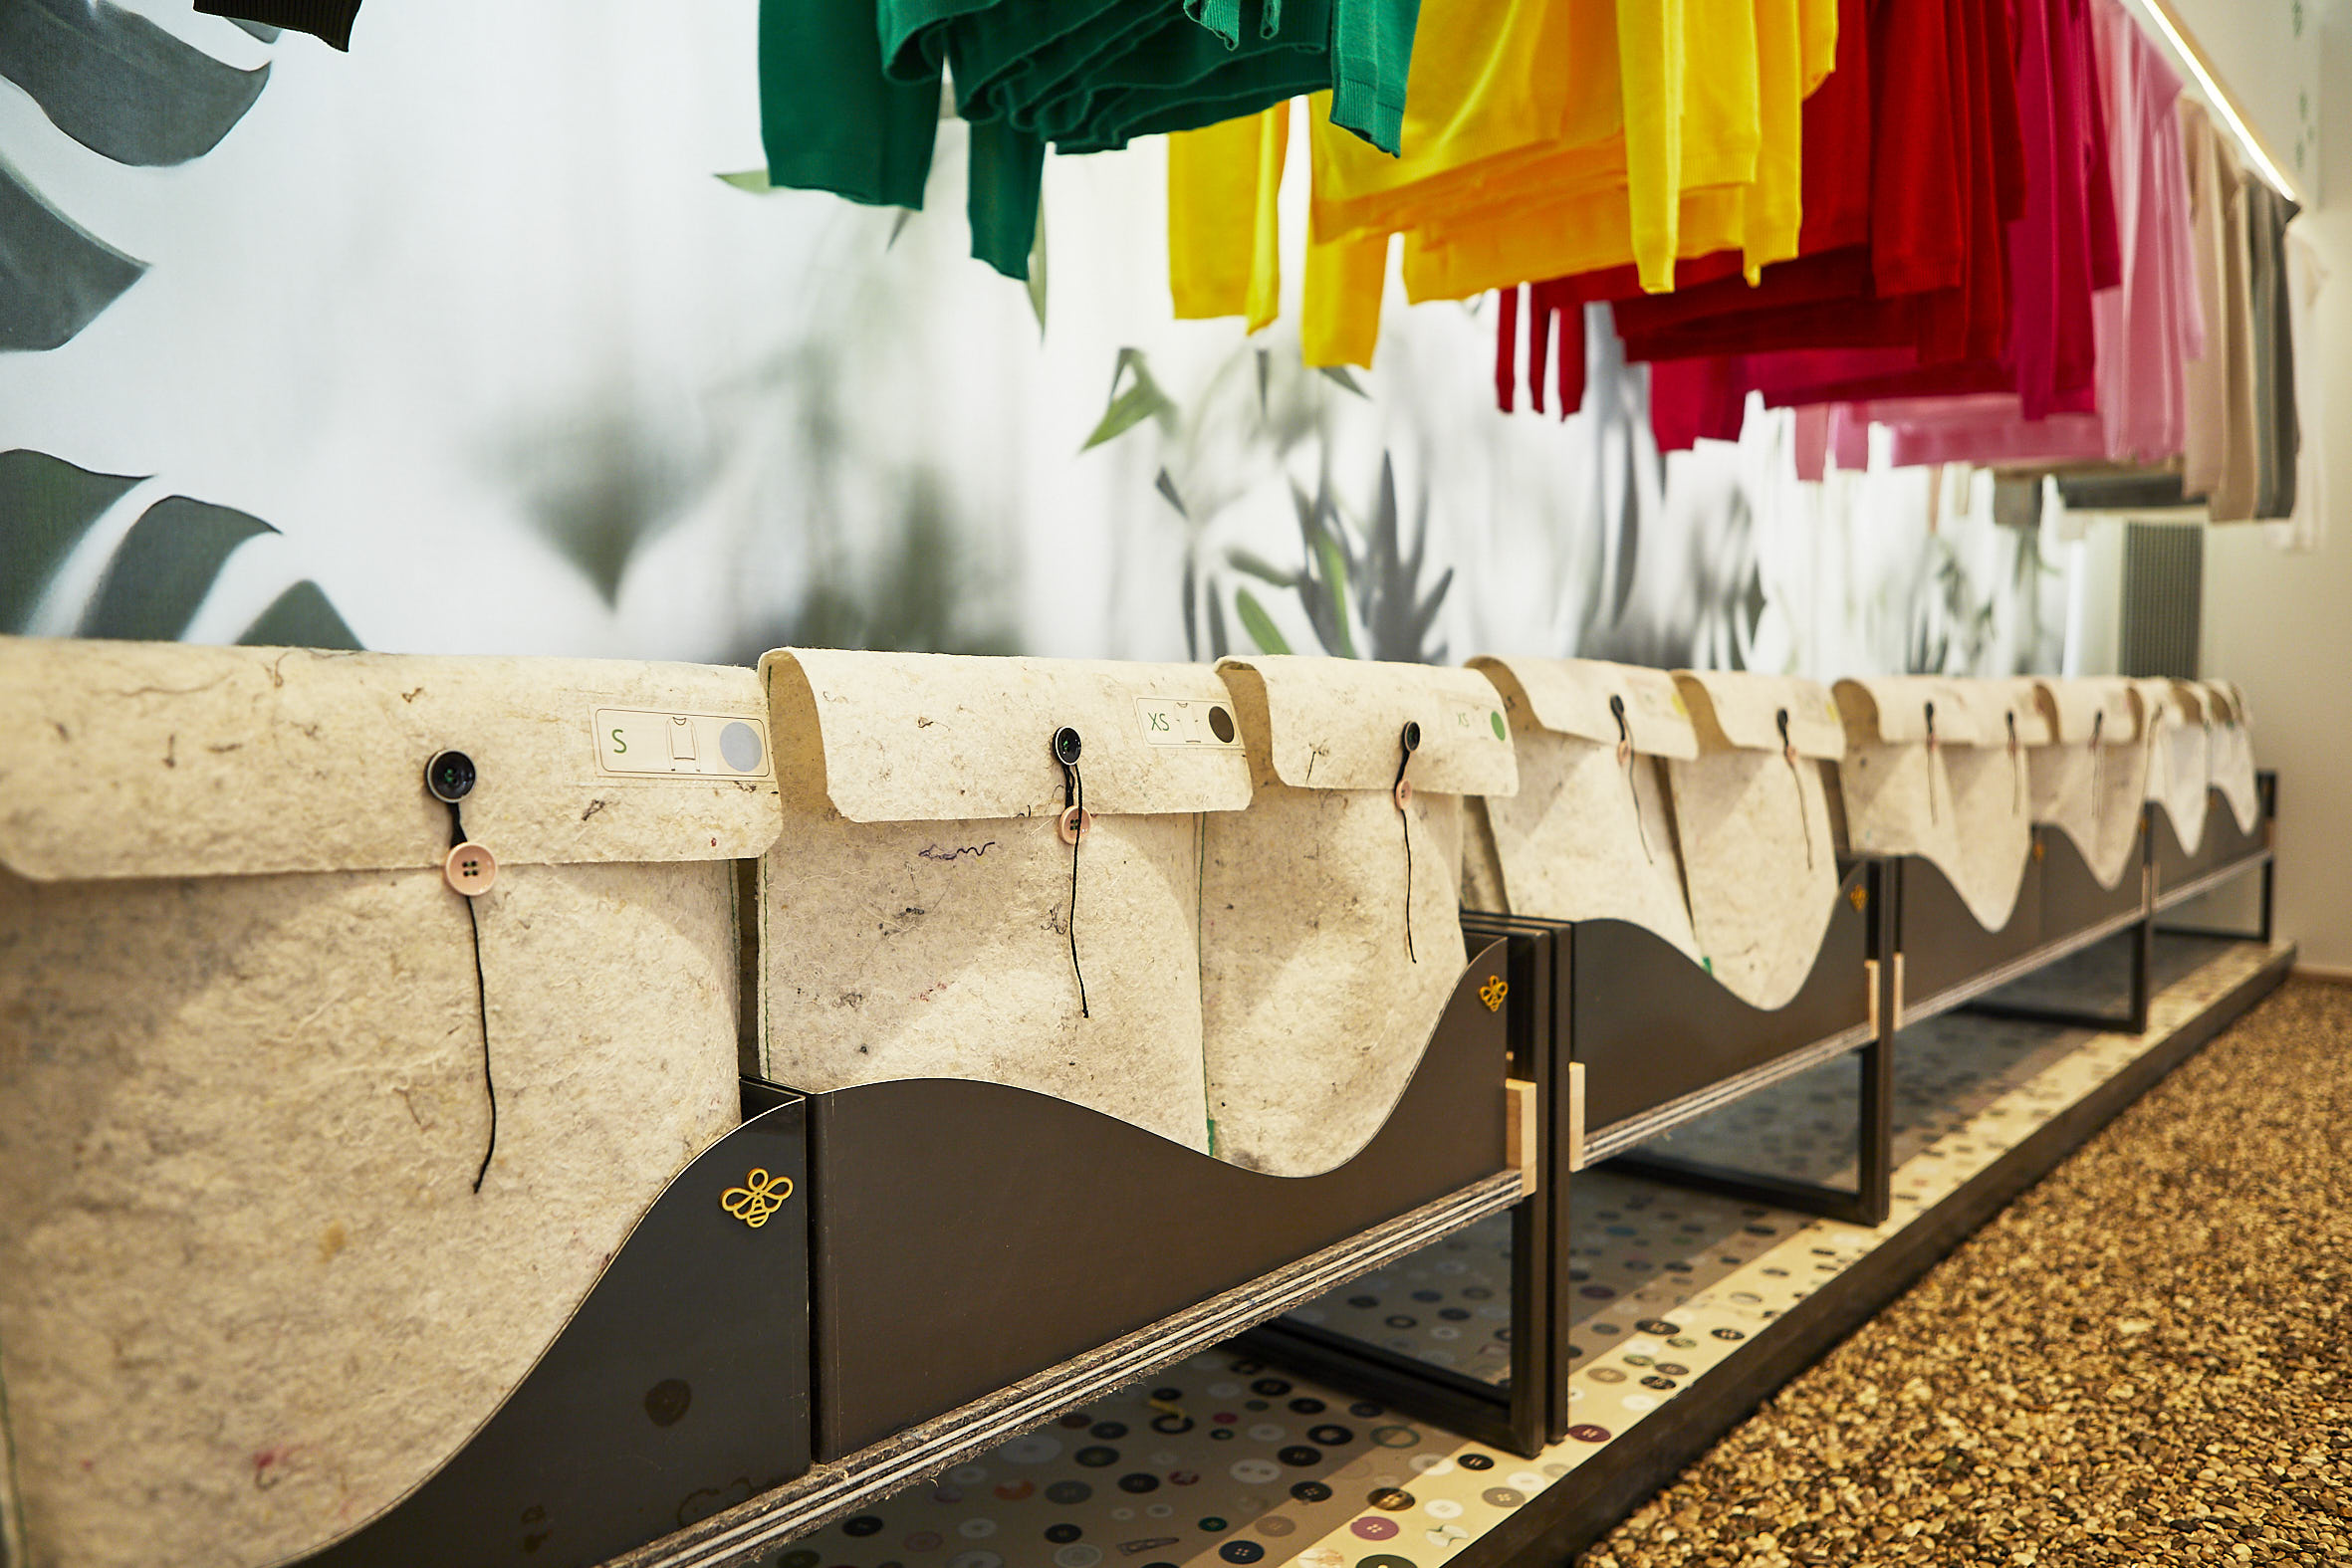 (L'interno dello store fiorentino. Foto: Benetton)